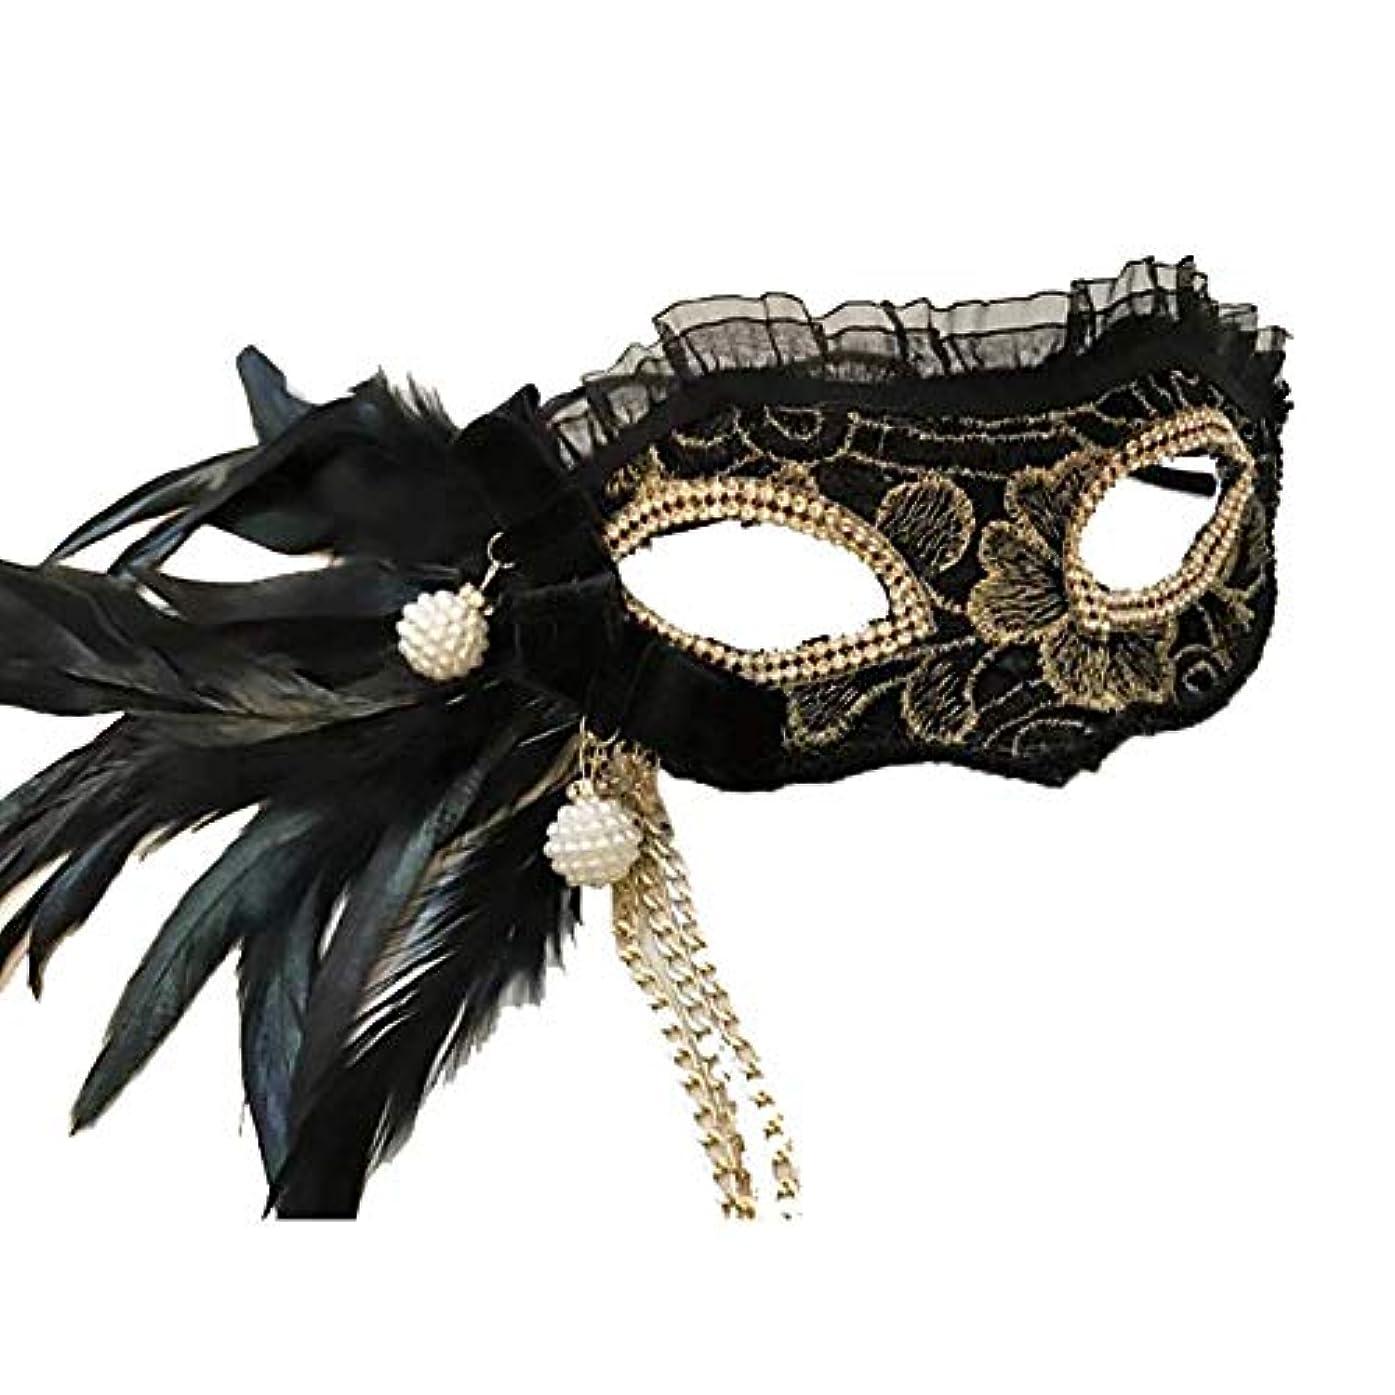 芸術的チャップ本当のことを言うとNanle ハロウィンクリスマスフェザー刺繍フリンジフラワービーズマスク仮装マスクレディミスプリンセス美容祭パーティーデコレーションマスク (色 : Style A)